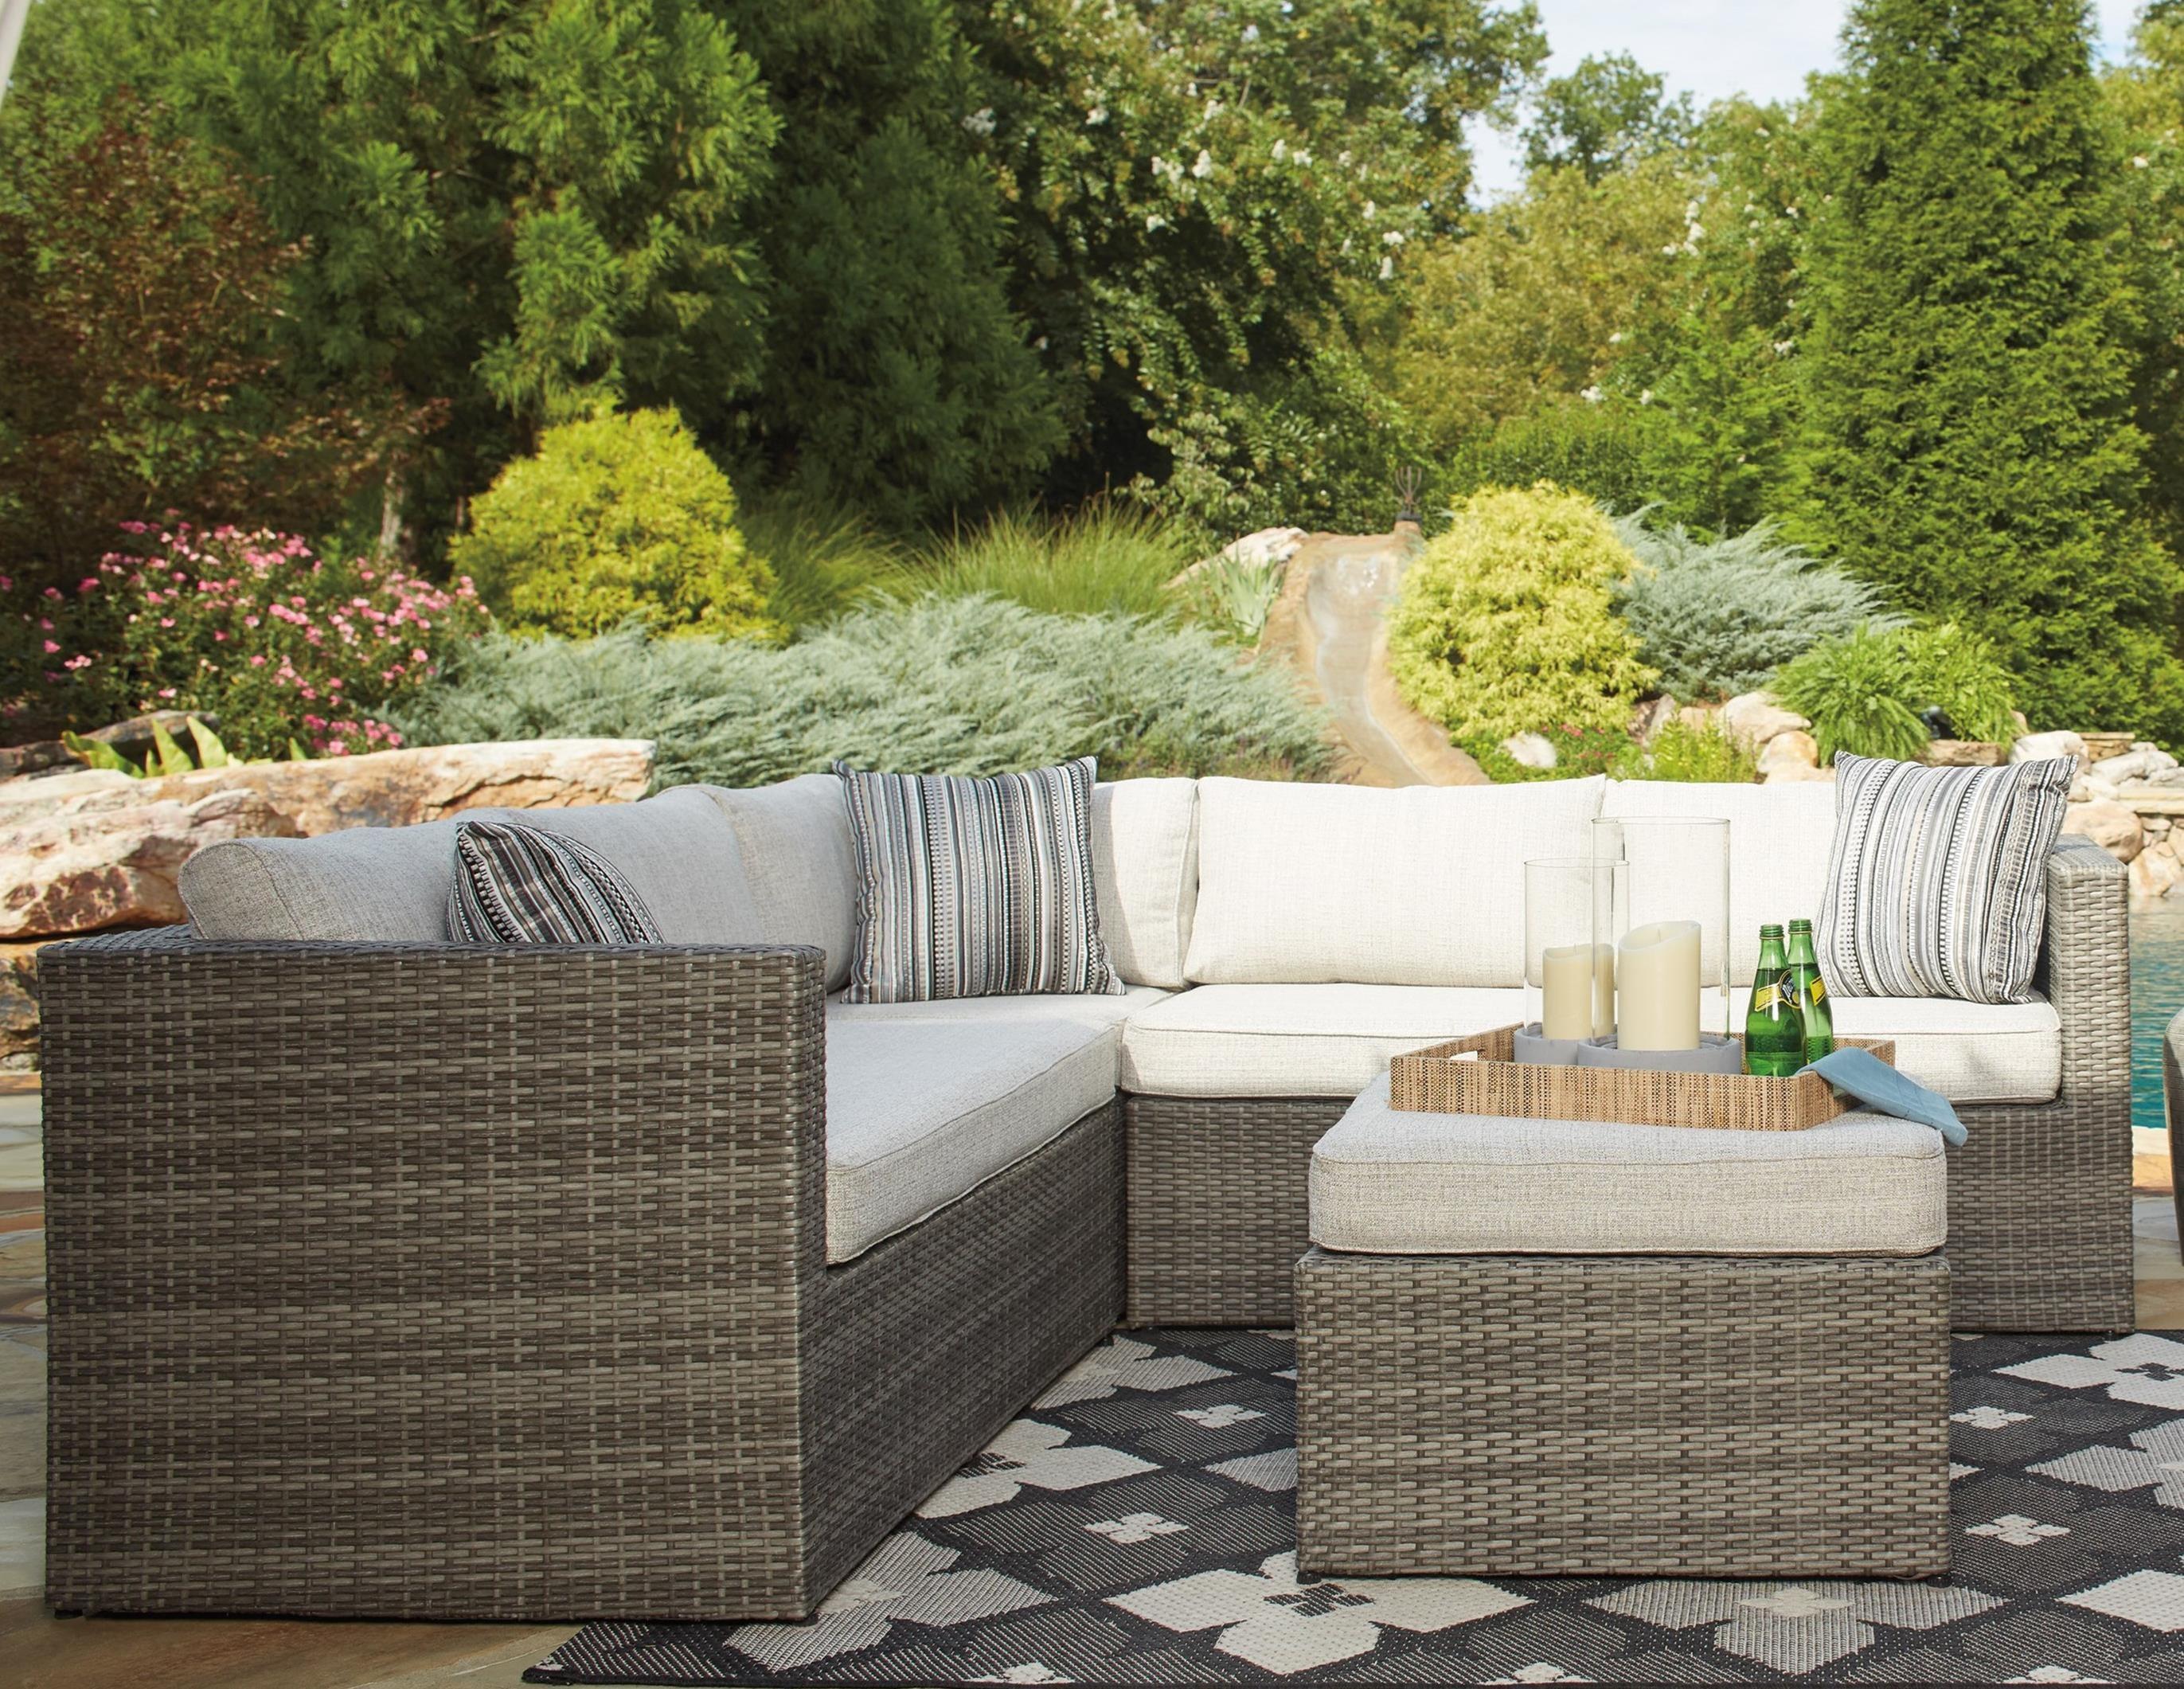 products_signature_design_by_ashley_color_peckham park_p320-880+850-b1